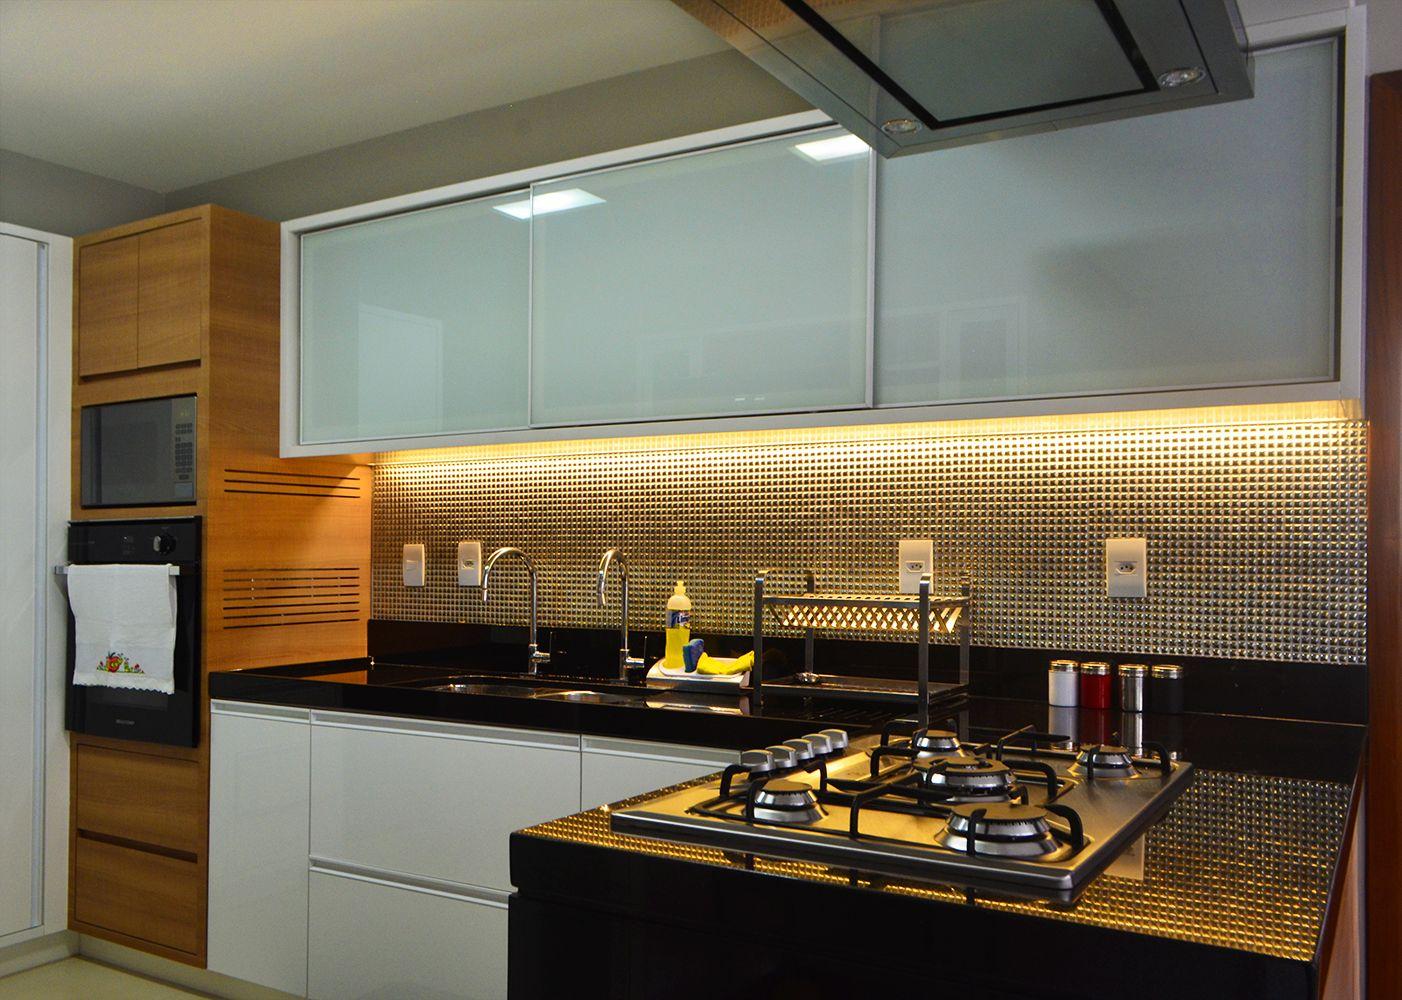 Cozinha Moderna Com Revestimento Em Mini Pastilhas Dourada  ~ Banqueta Inox Para Cozinha Acozinha Com Cooktop Branco